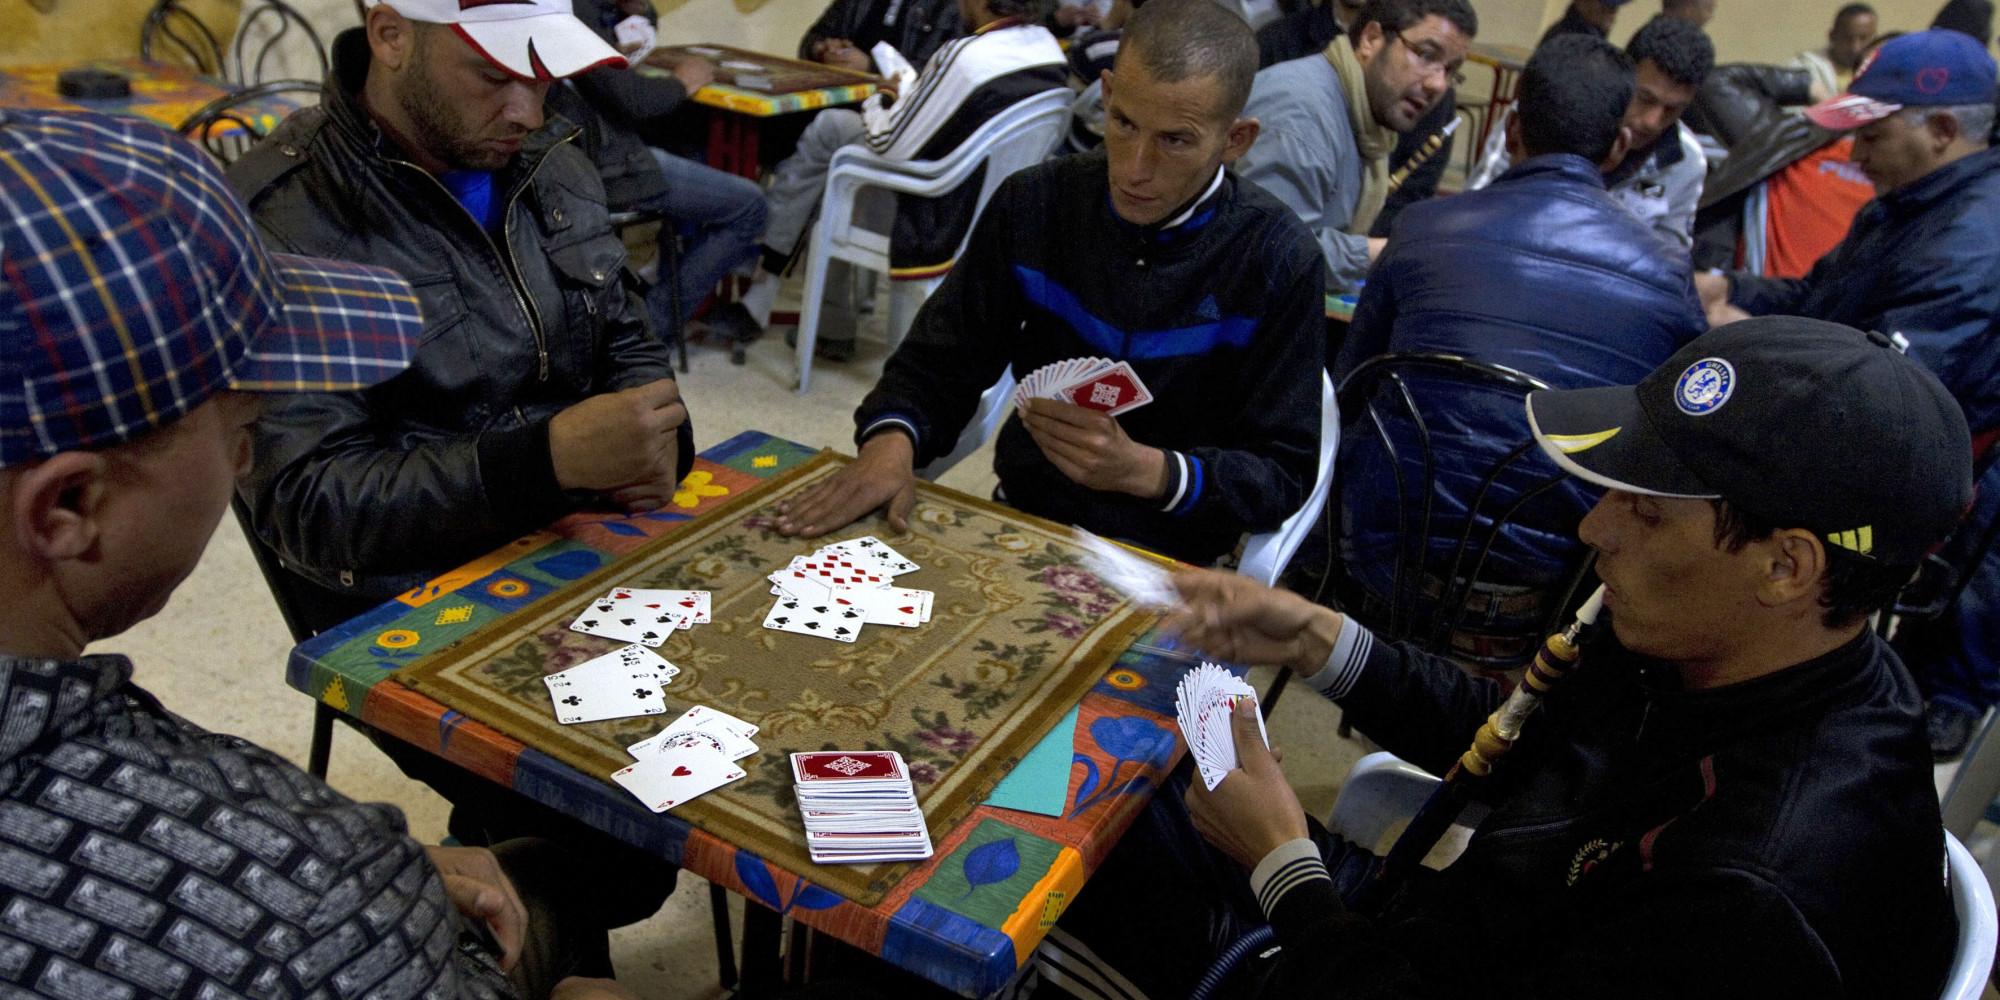 Tunisie le minist re de l 39 int rieur promet de combattre for Interieur ministere tunisie